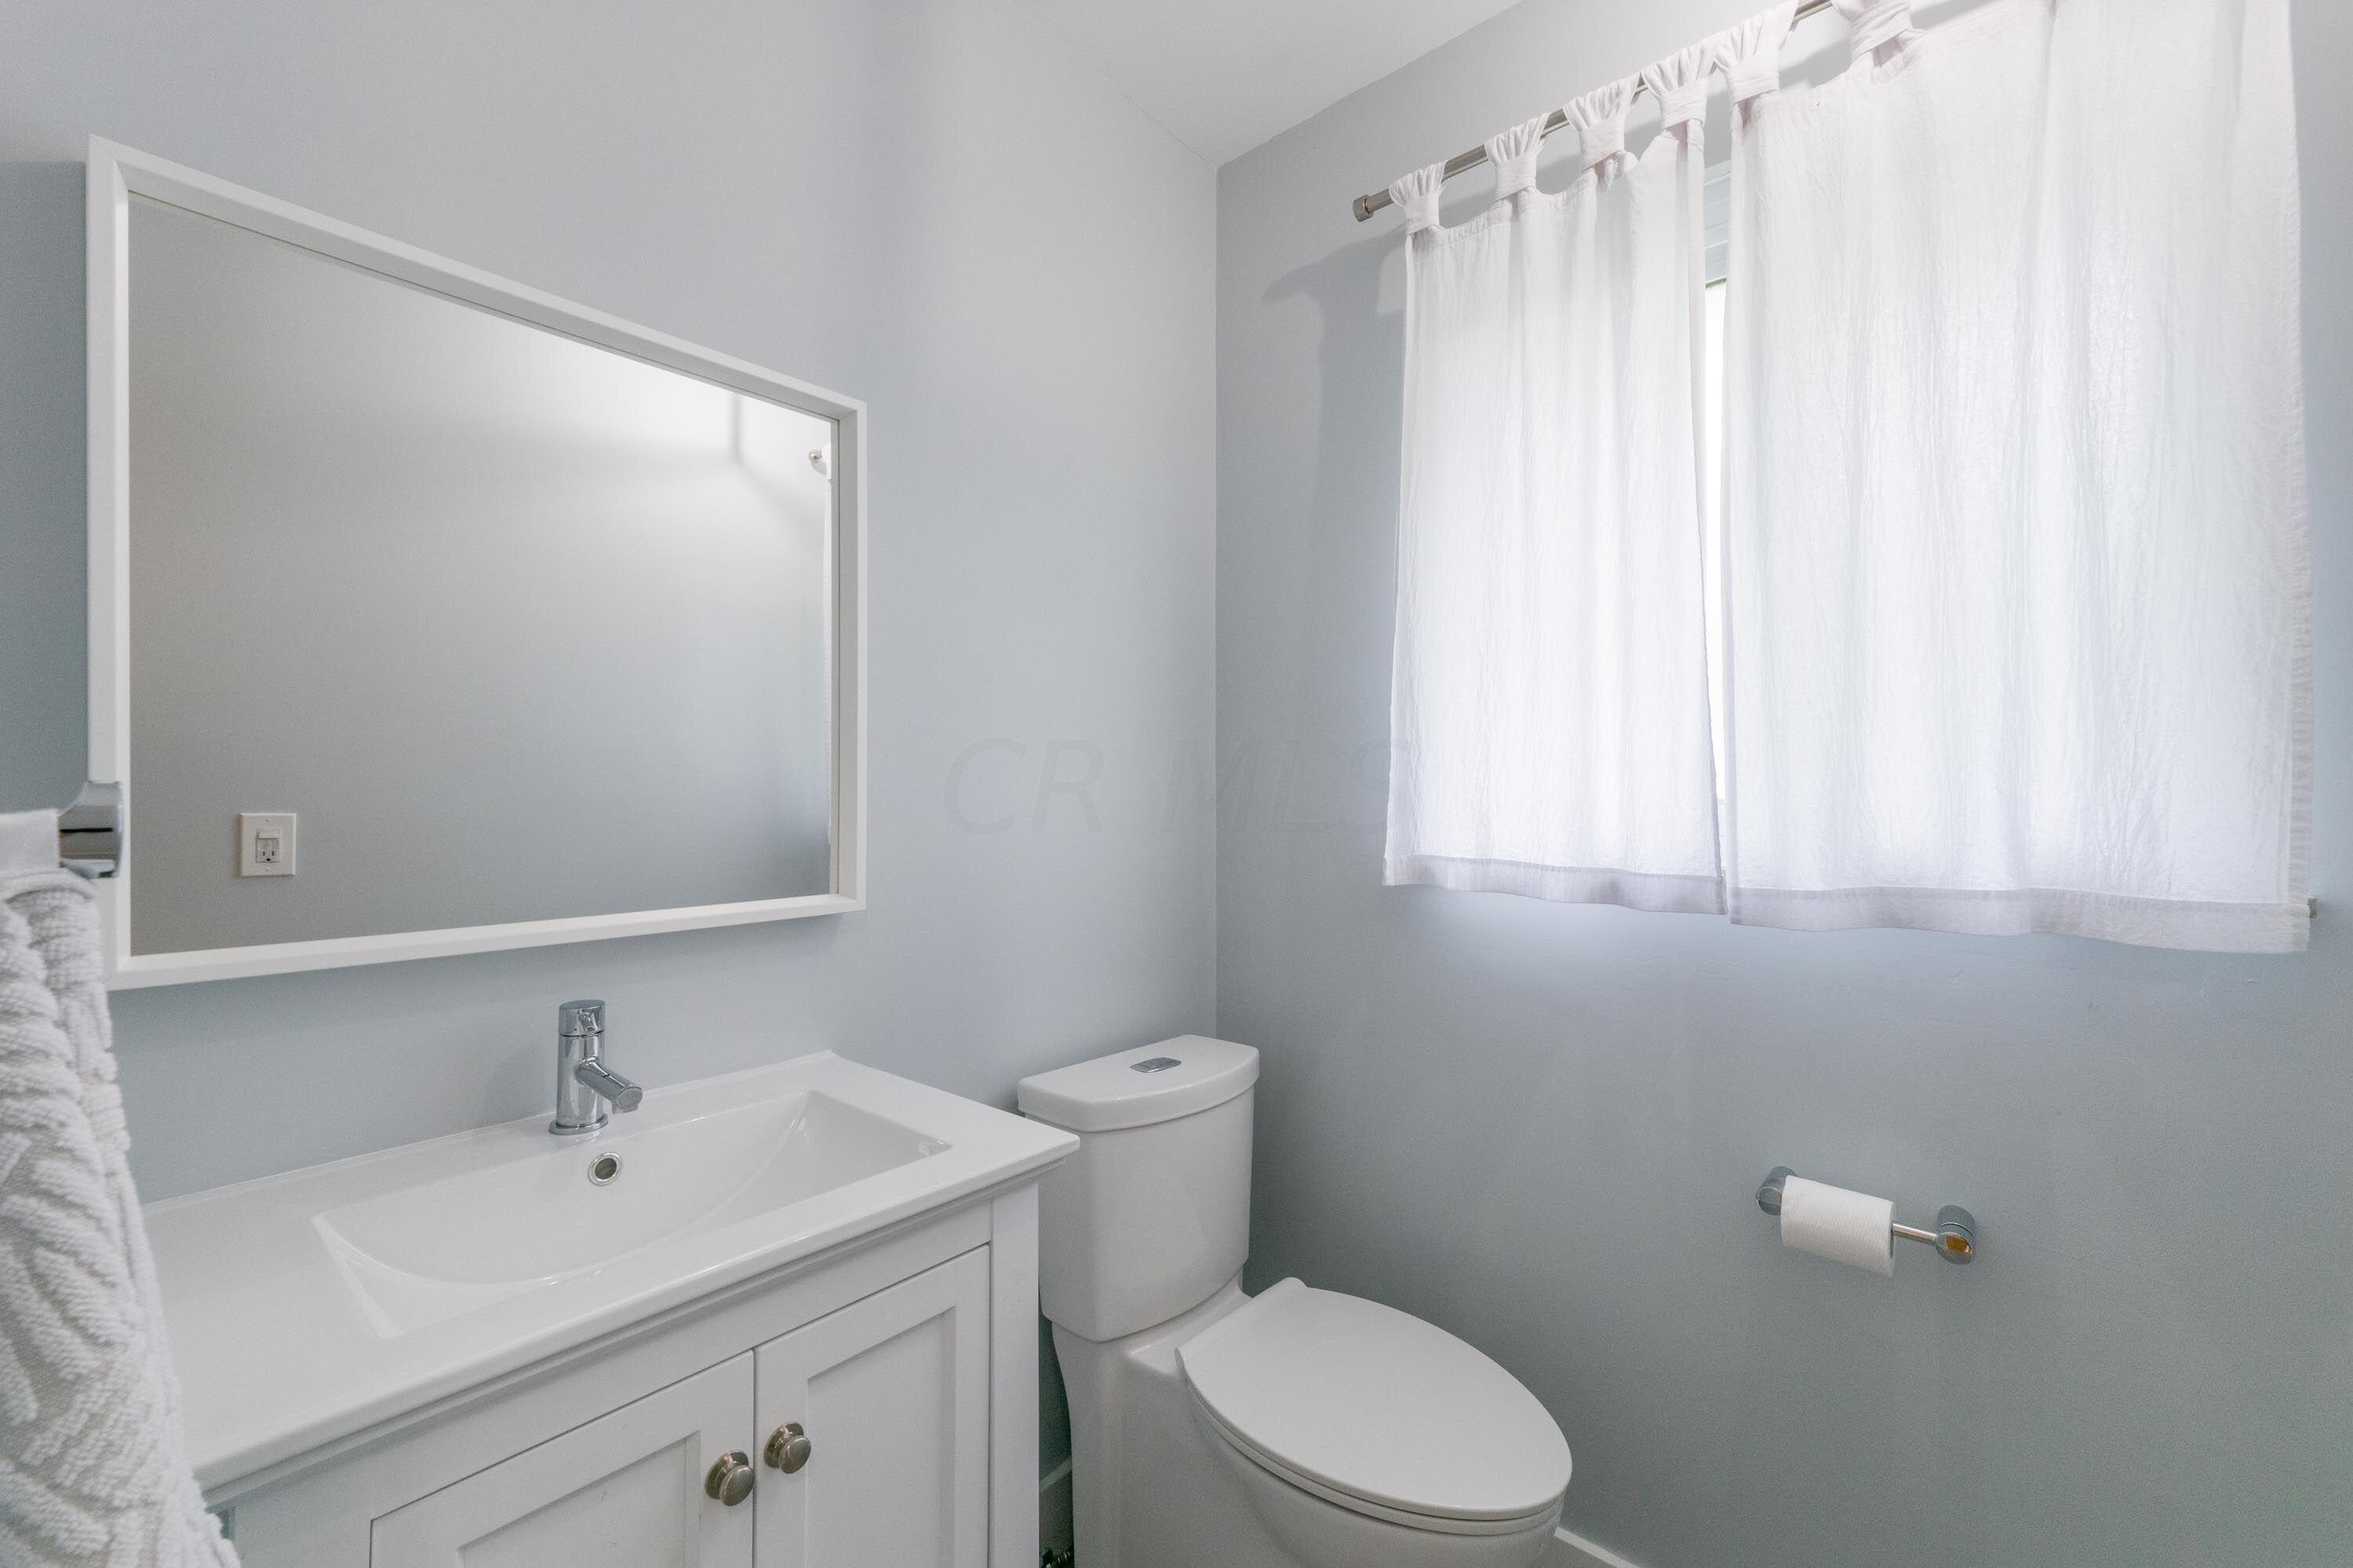 Ensuite half bath for bedroom - 2